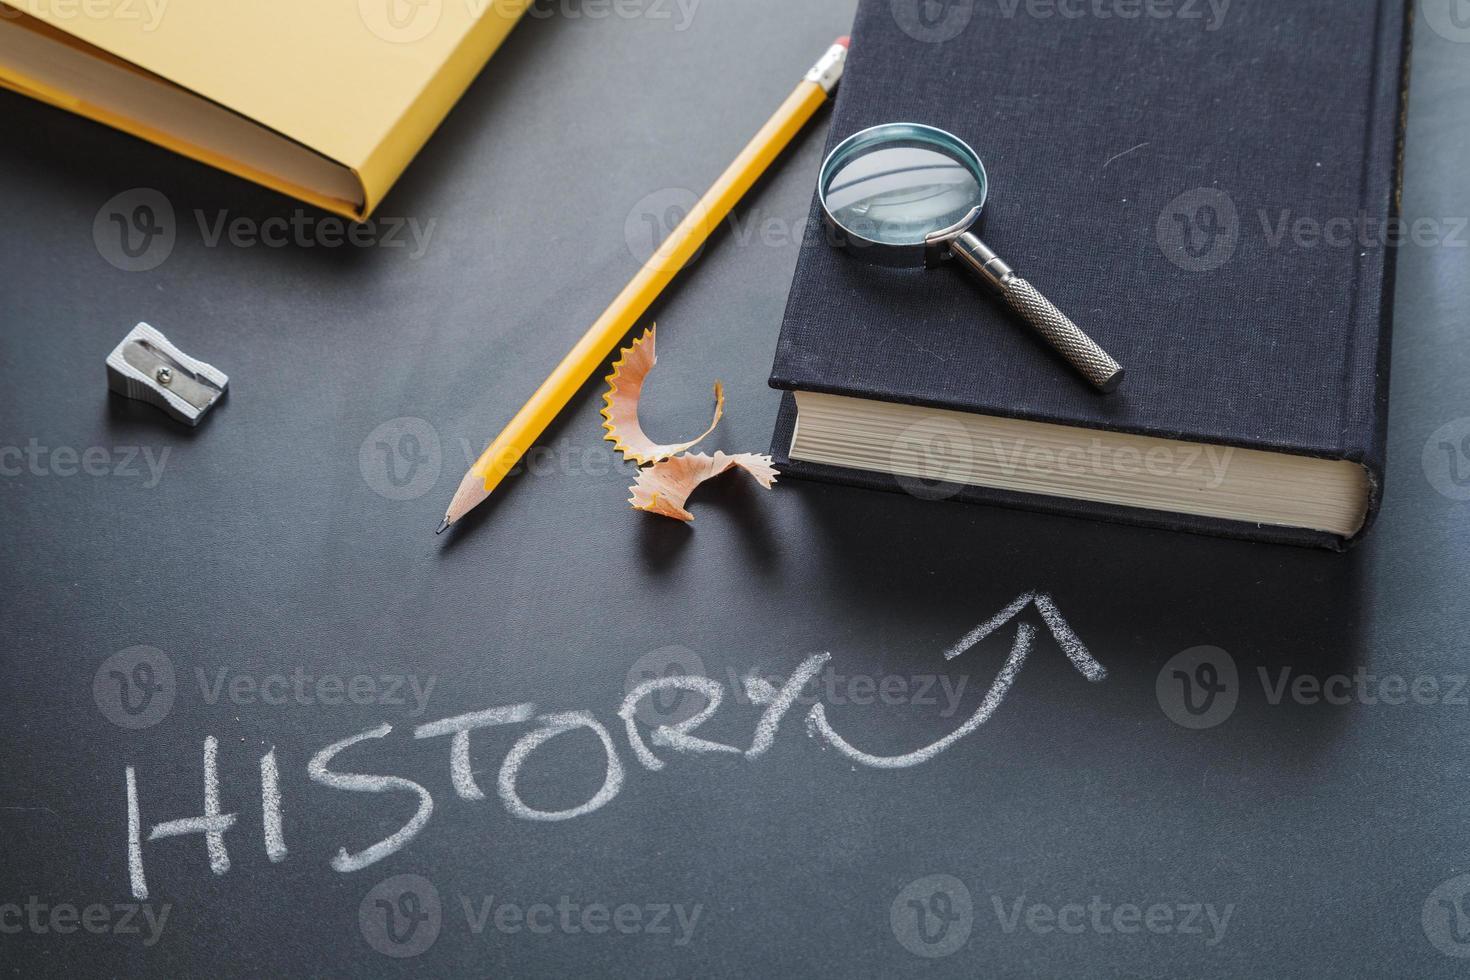 materiale scolastico del libro di storia composto su sfondo grigio foto